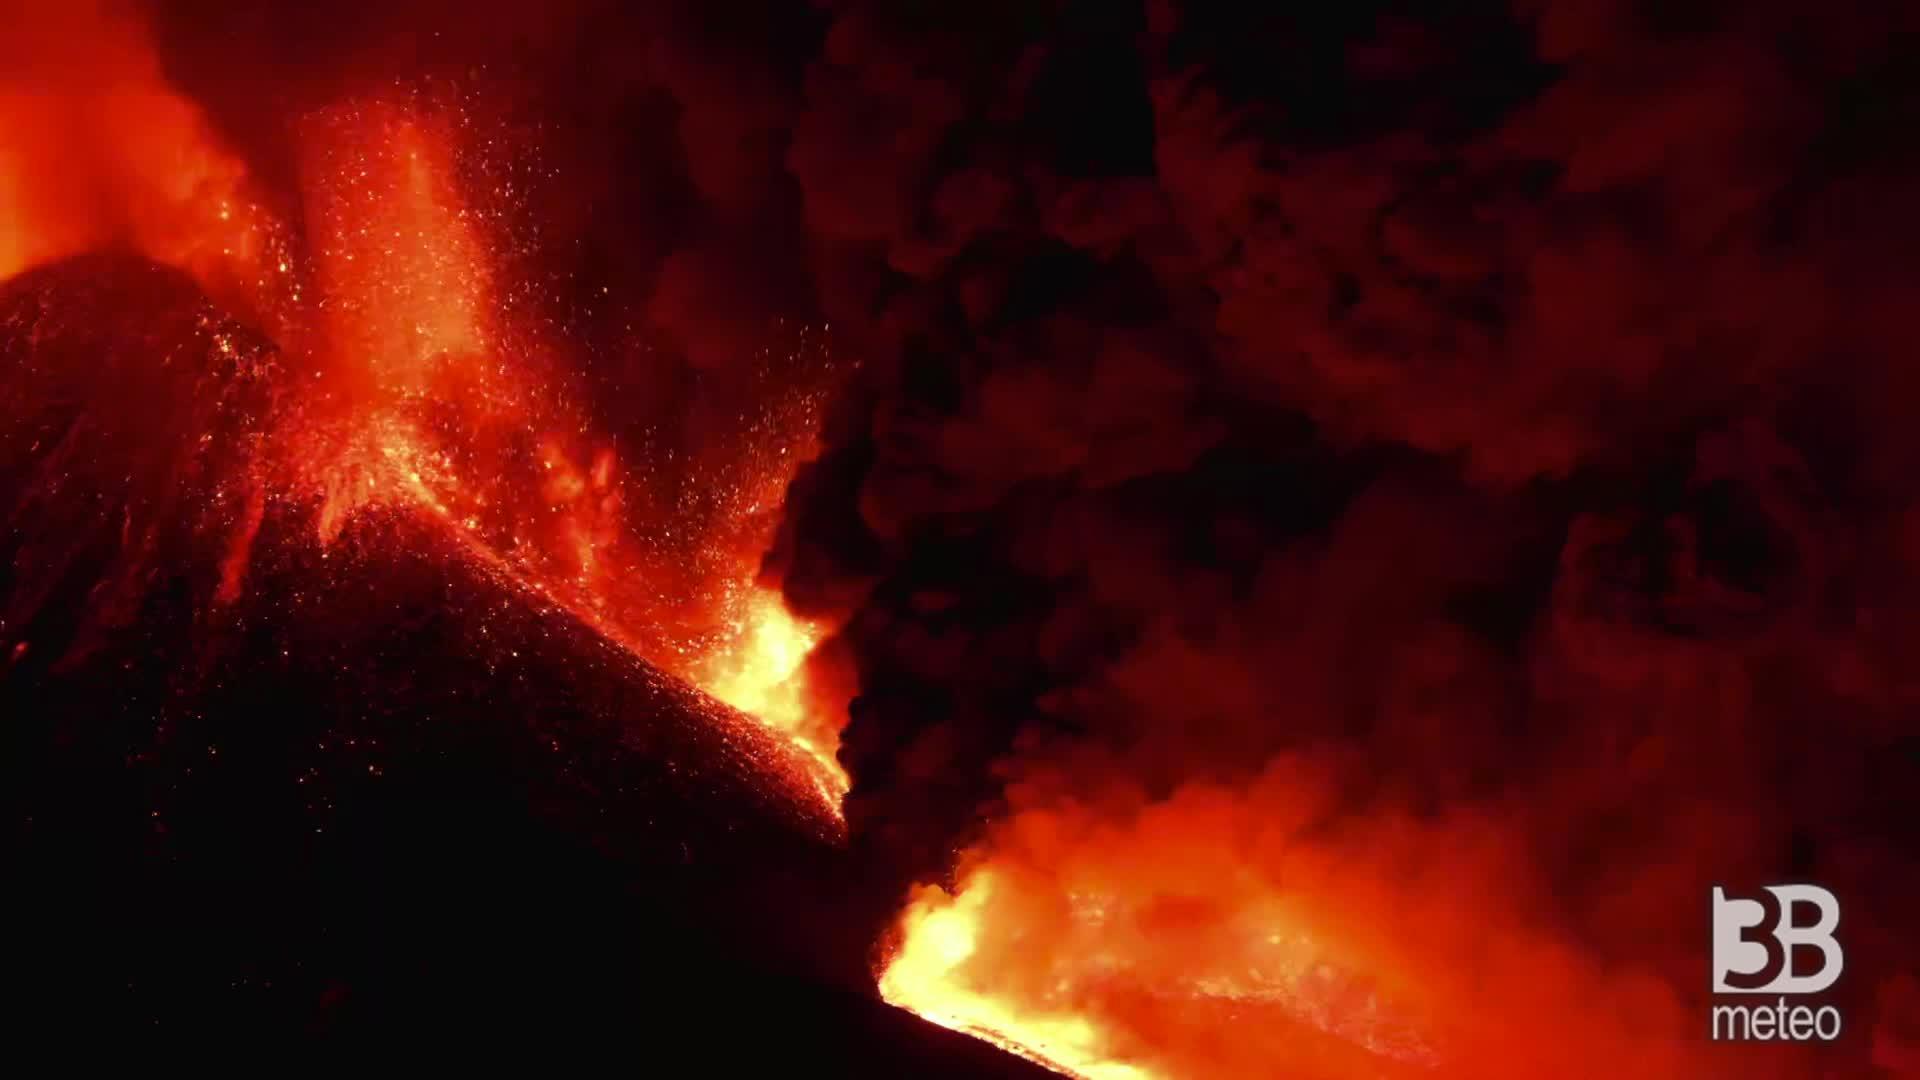 CRONACA DIRETTA - Etna, nuvola nera di cenere : alte fontane di lava - VIDEO